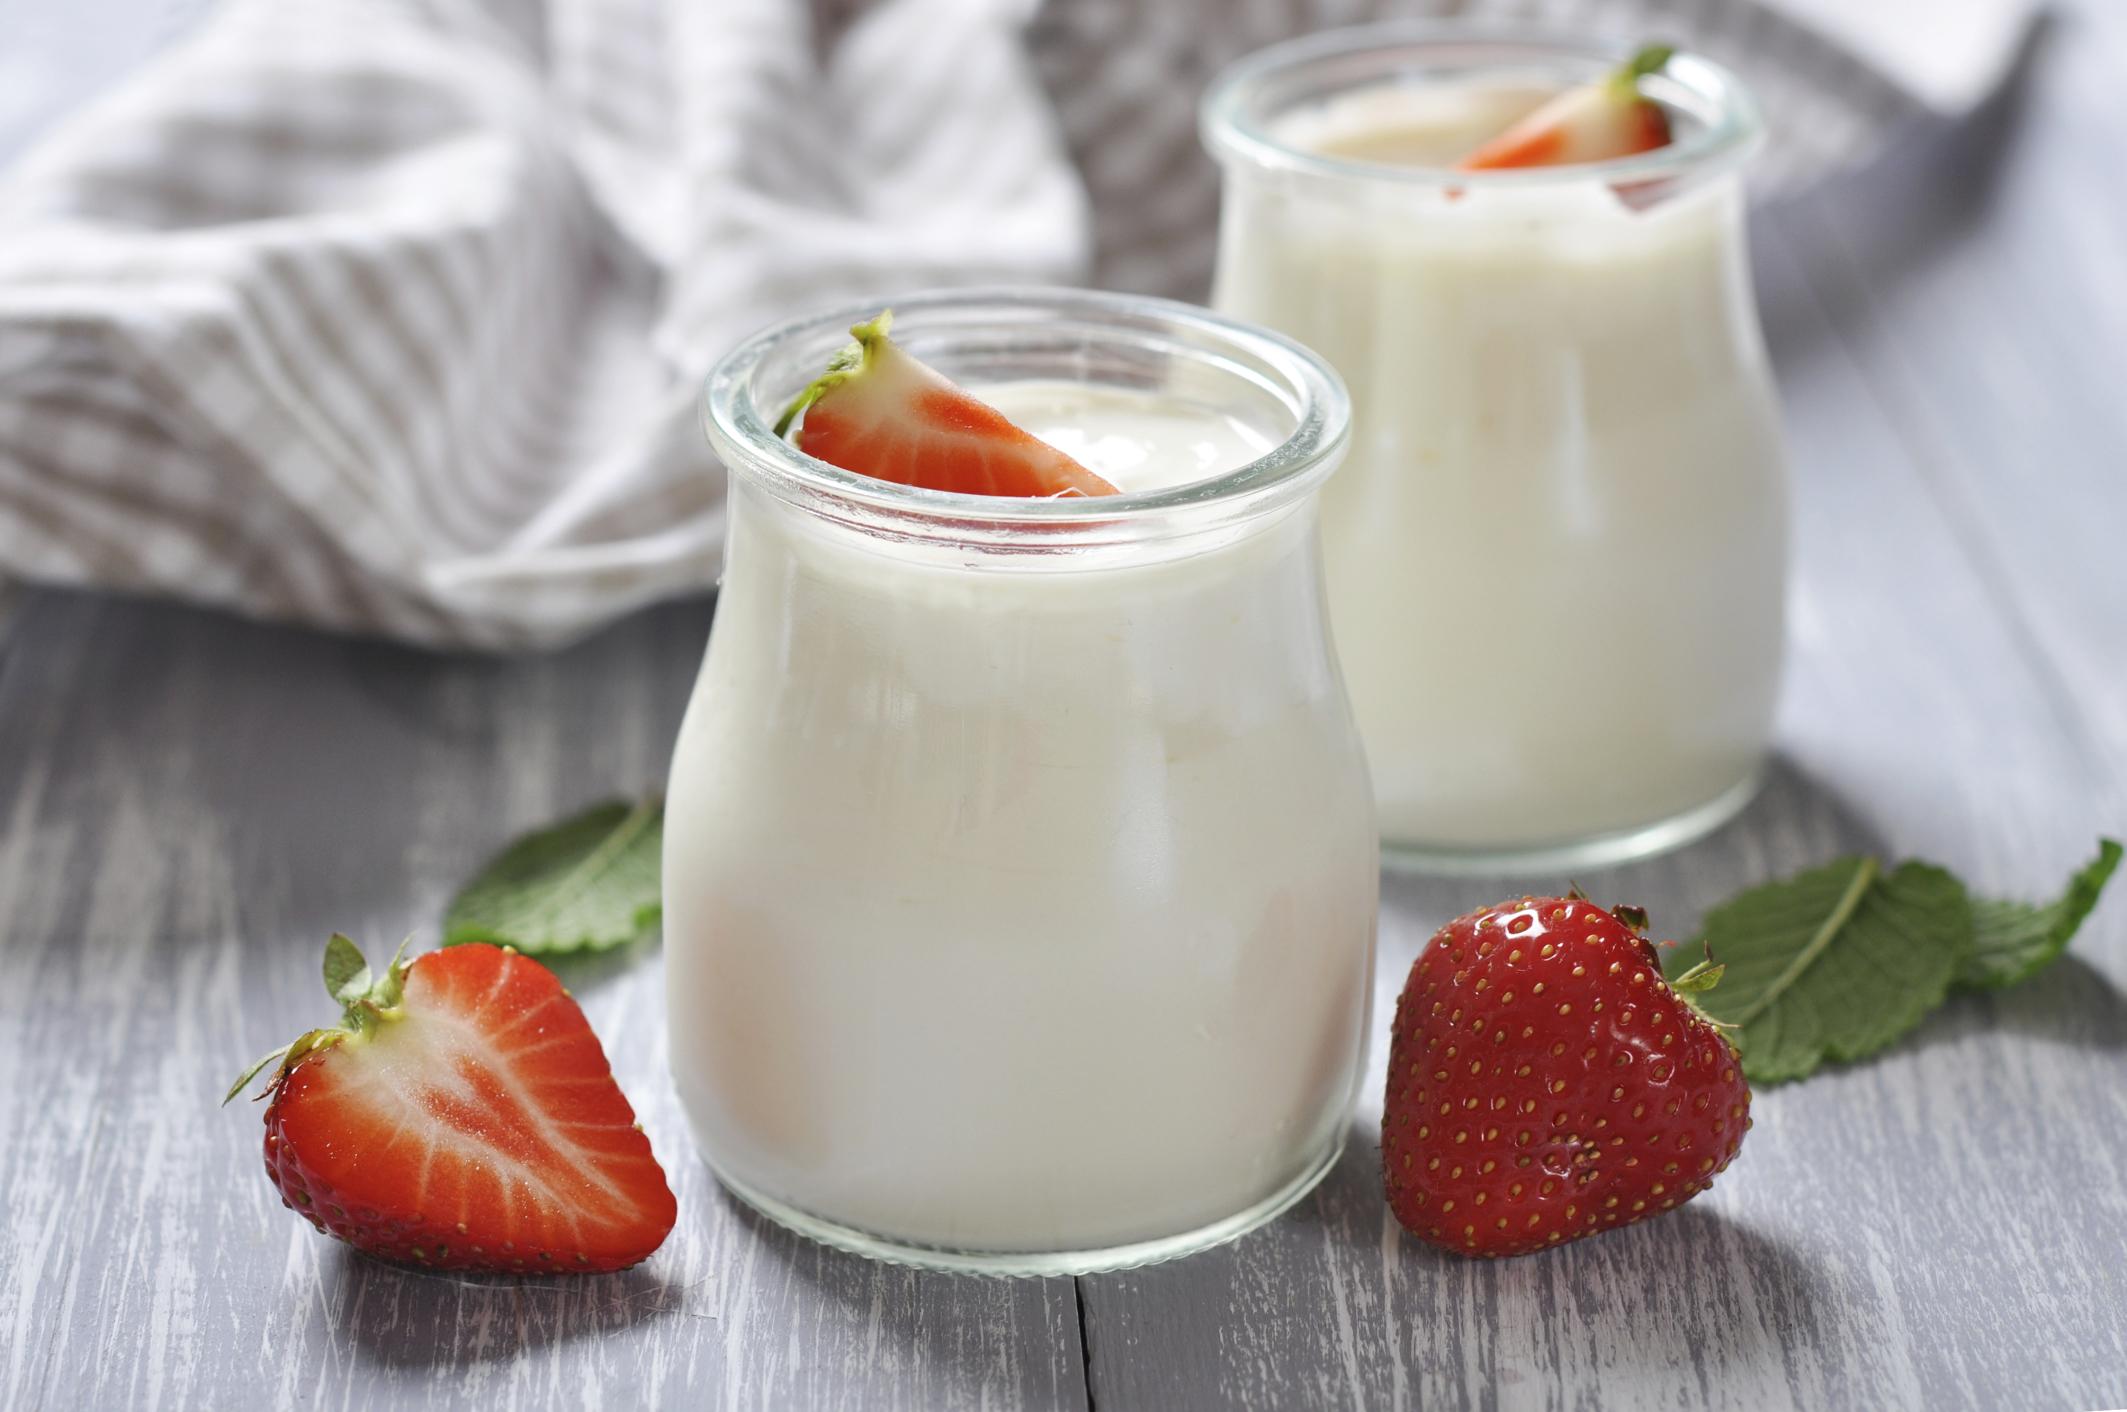 Sữa chua cung cấp các loại vitamin cần thiết cho phụ nữ tuổi 40